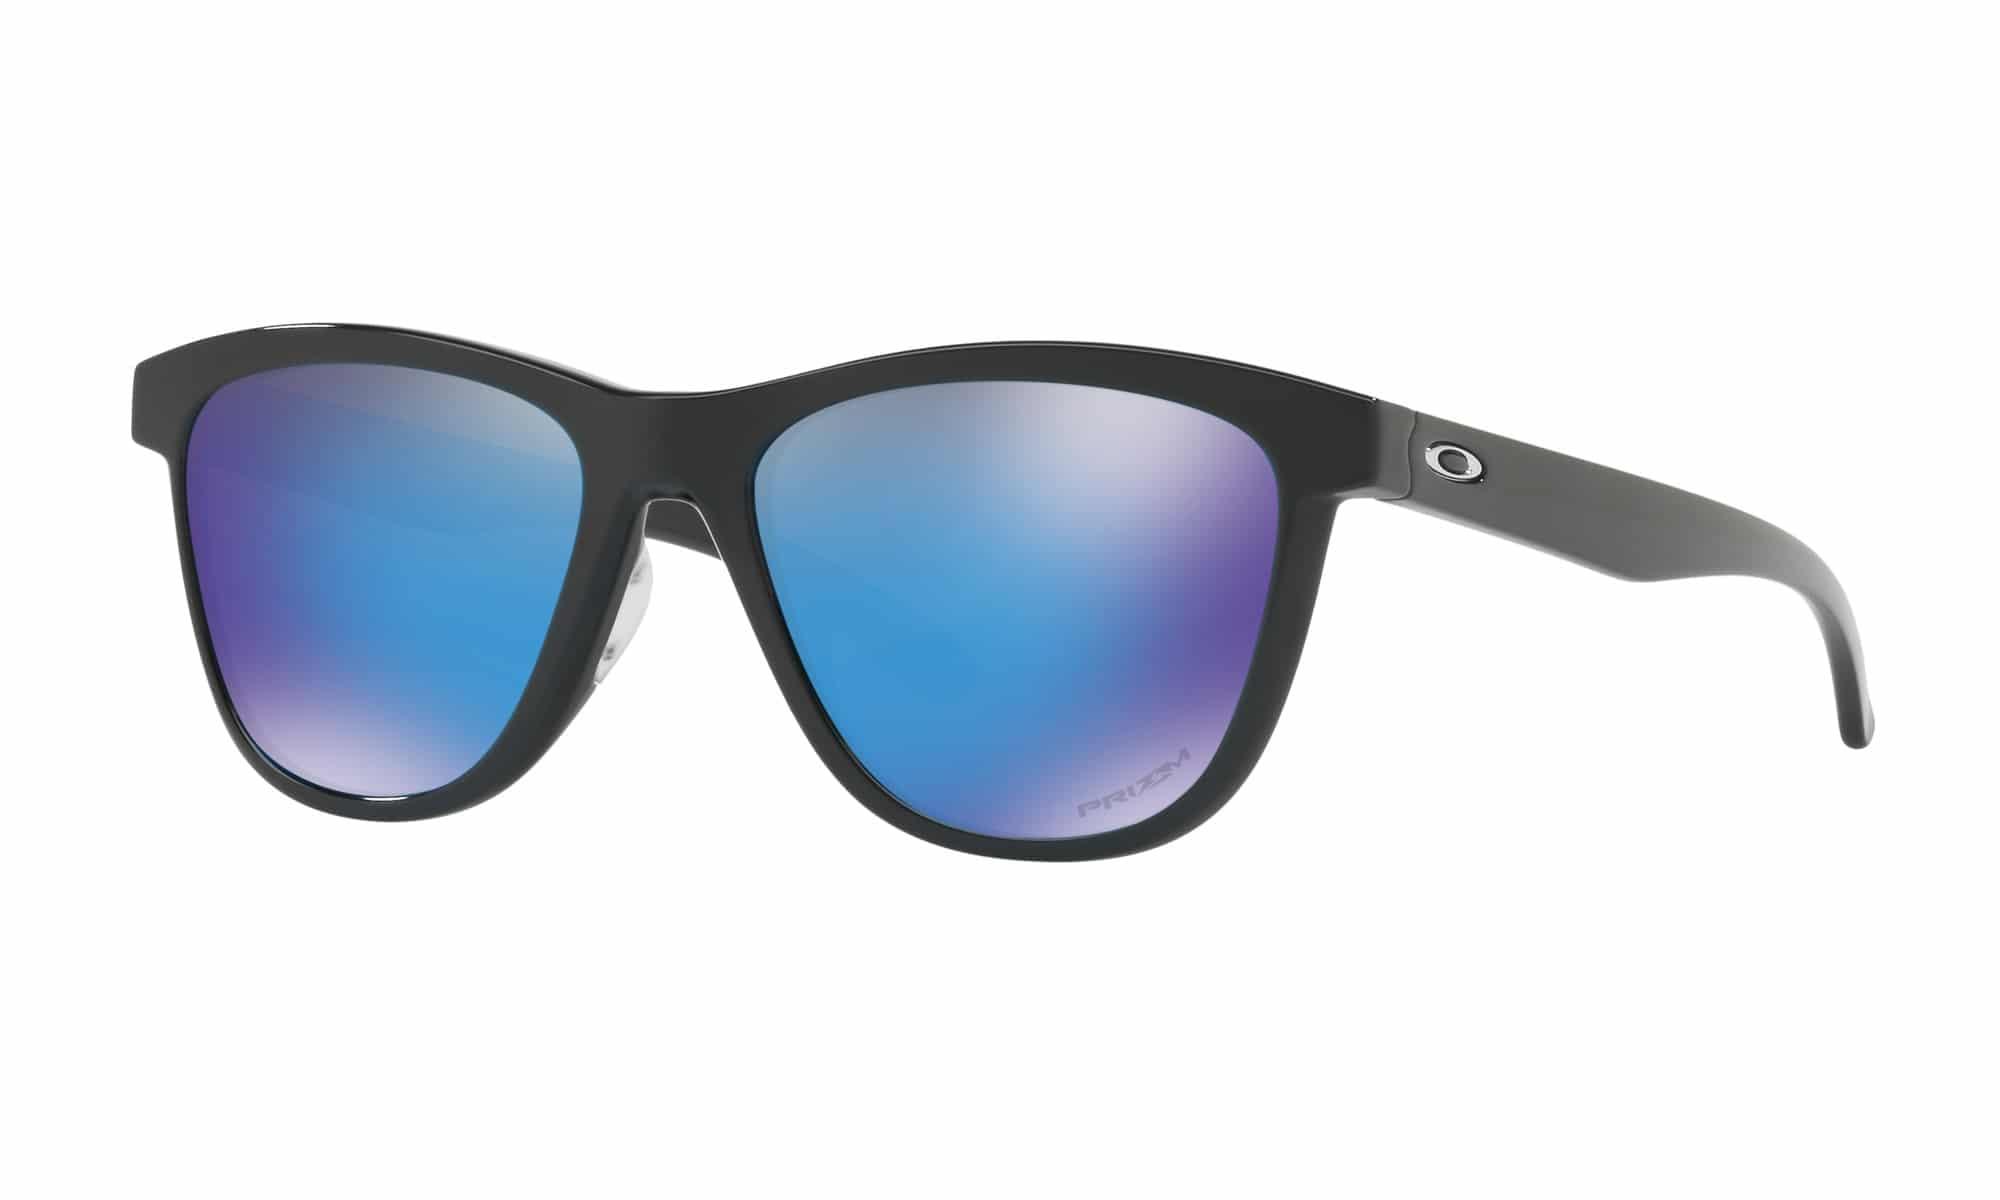 Oakley Moonlighter Oakley Sunglasses OO9320-1653-1